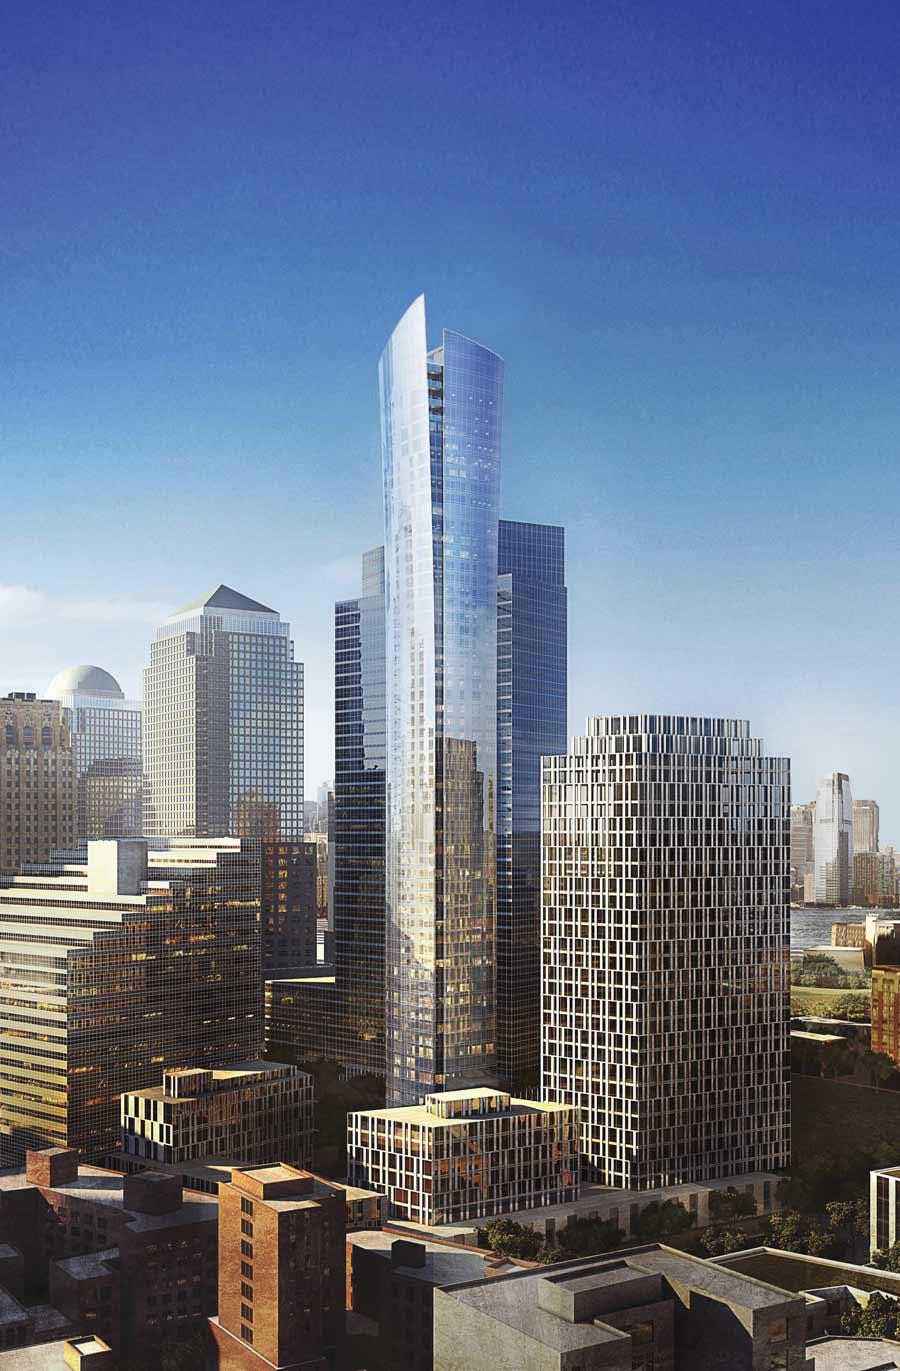 Dans Lower Manhattan, le One eleven Murray de KPF n'accueille que du résidentiel. Cette nouvelle tour a l'allure d'un parchemin dressé.